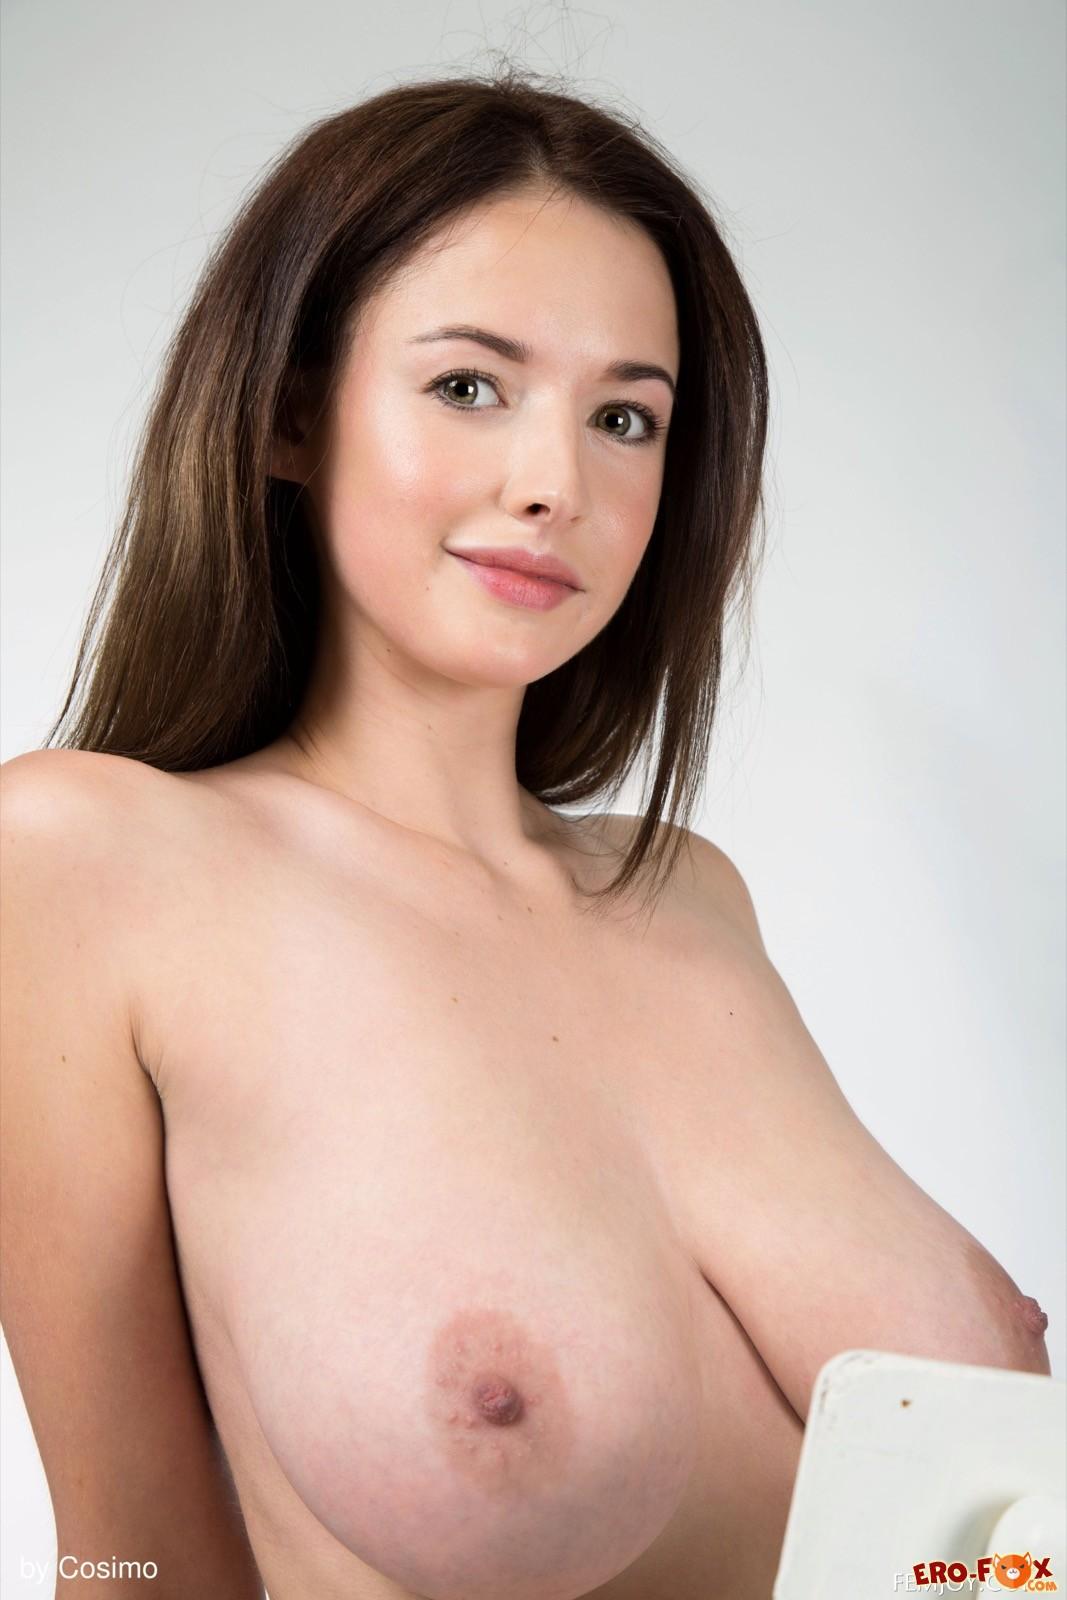 Красивая модель с огромными висячими сиськами - фото